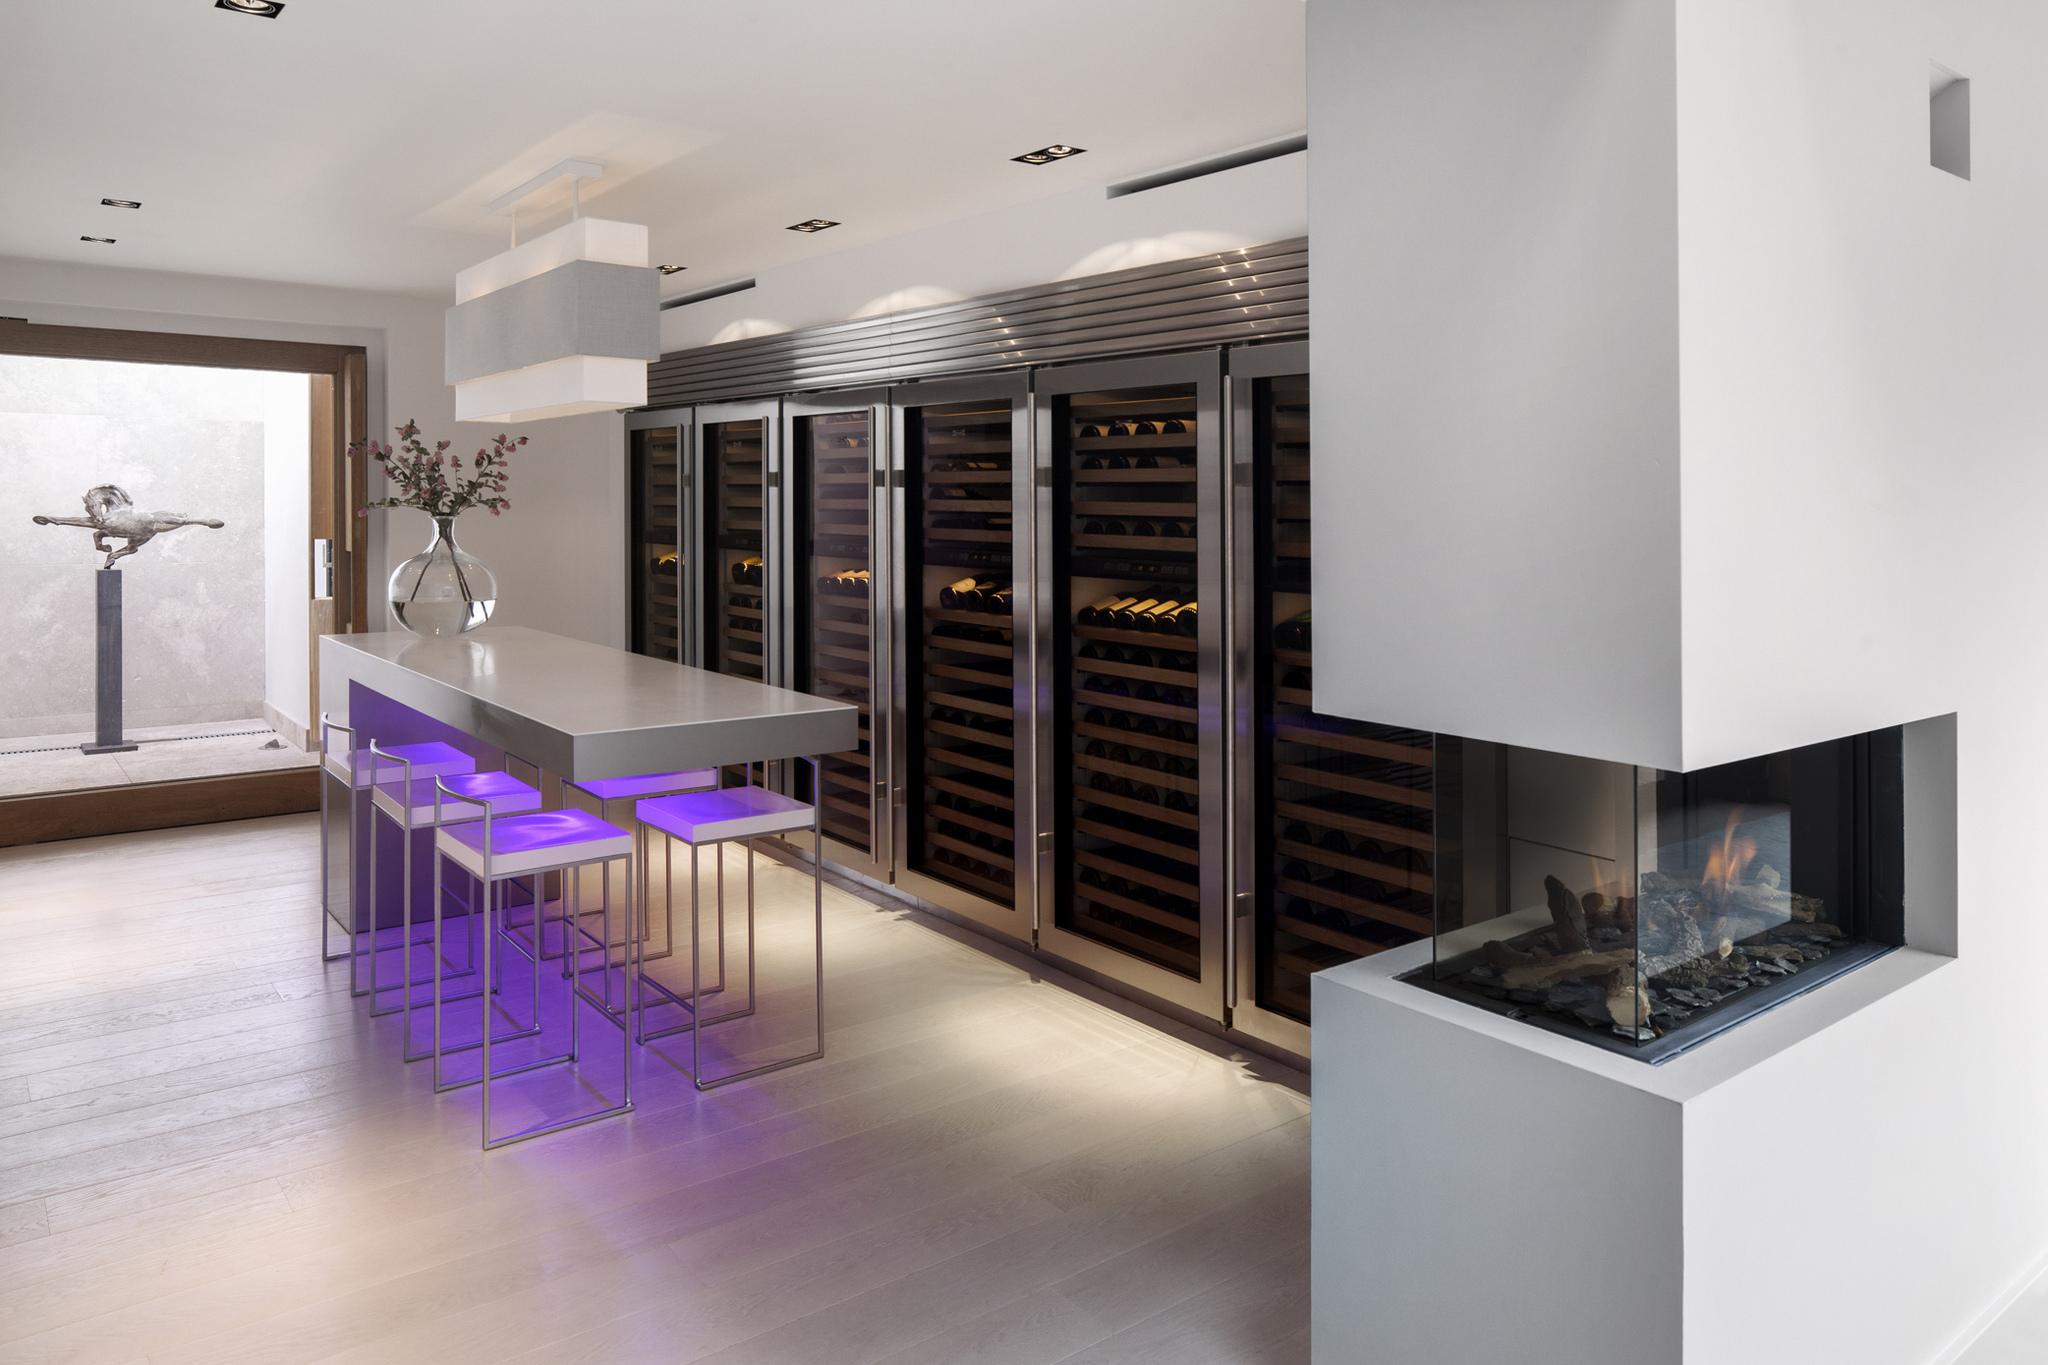 Wijnklimaatkasten van Sub-Zero in Culimaat keuken